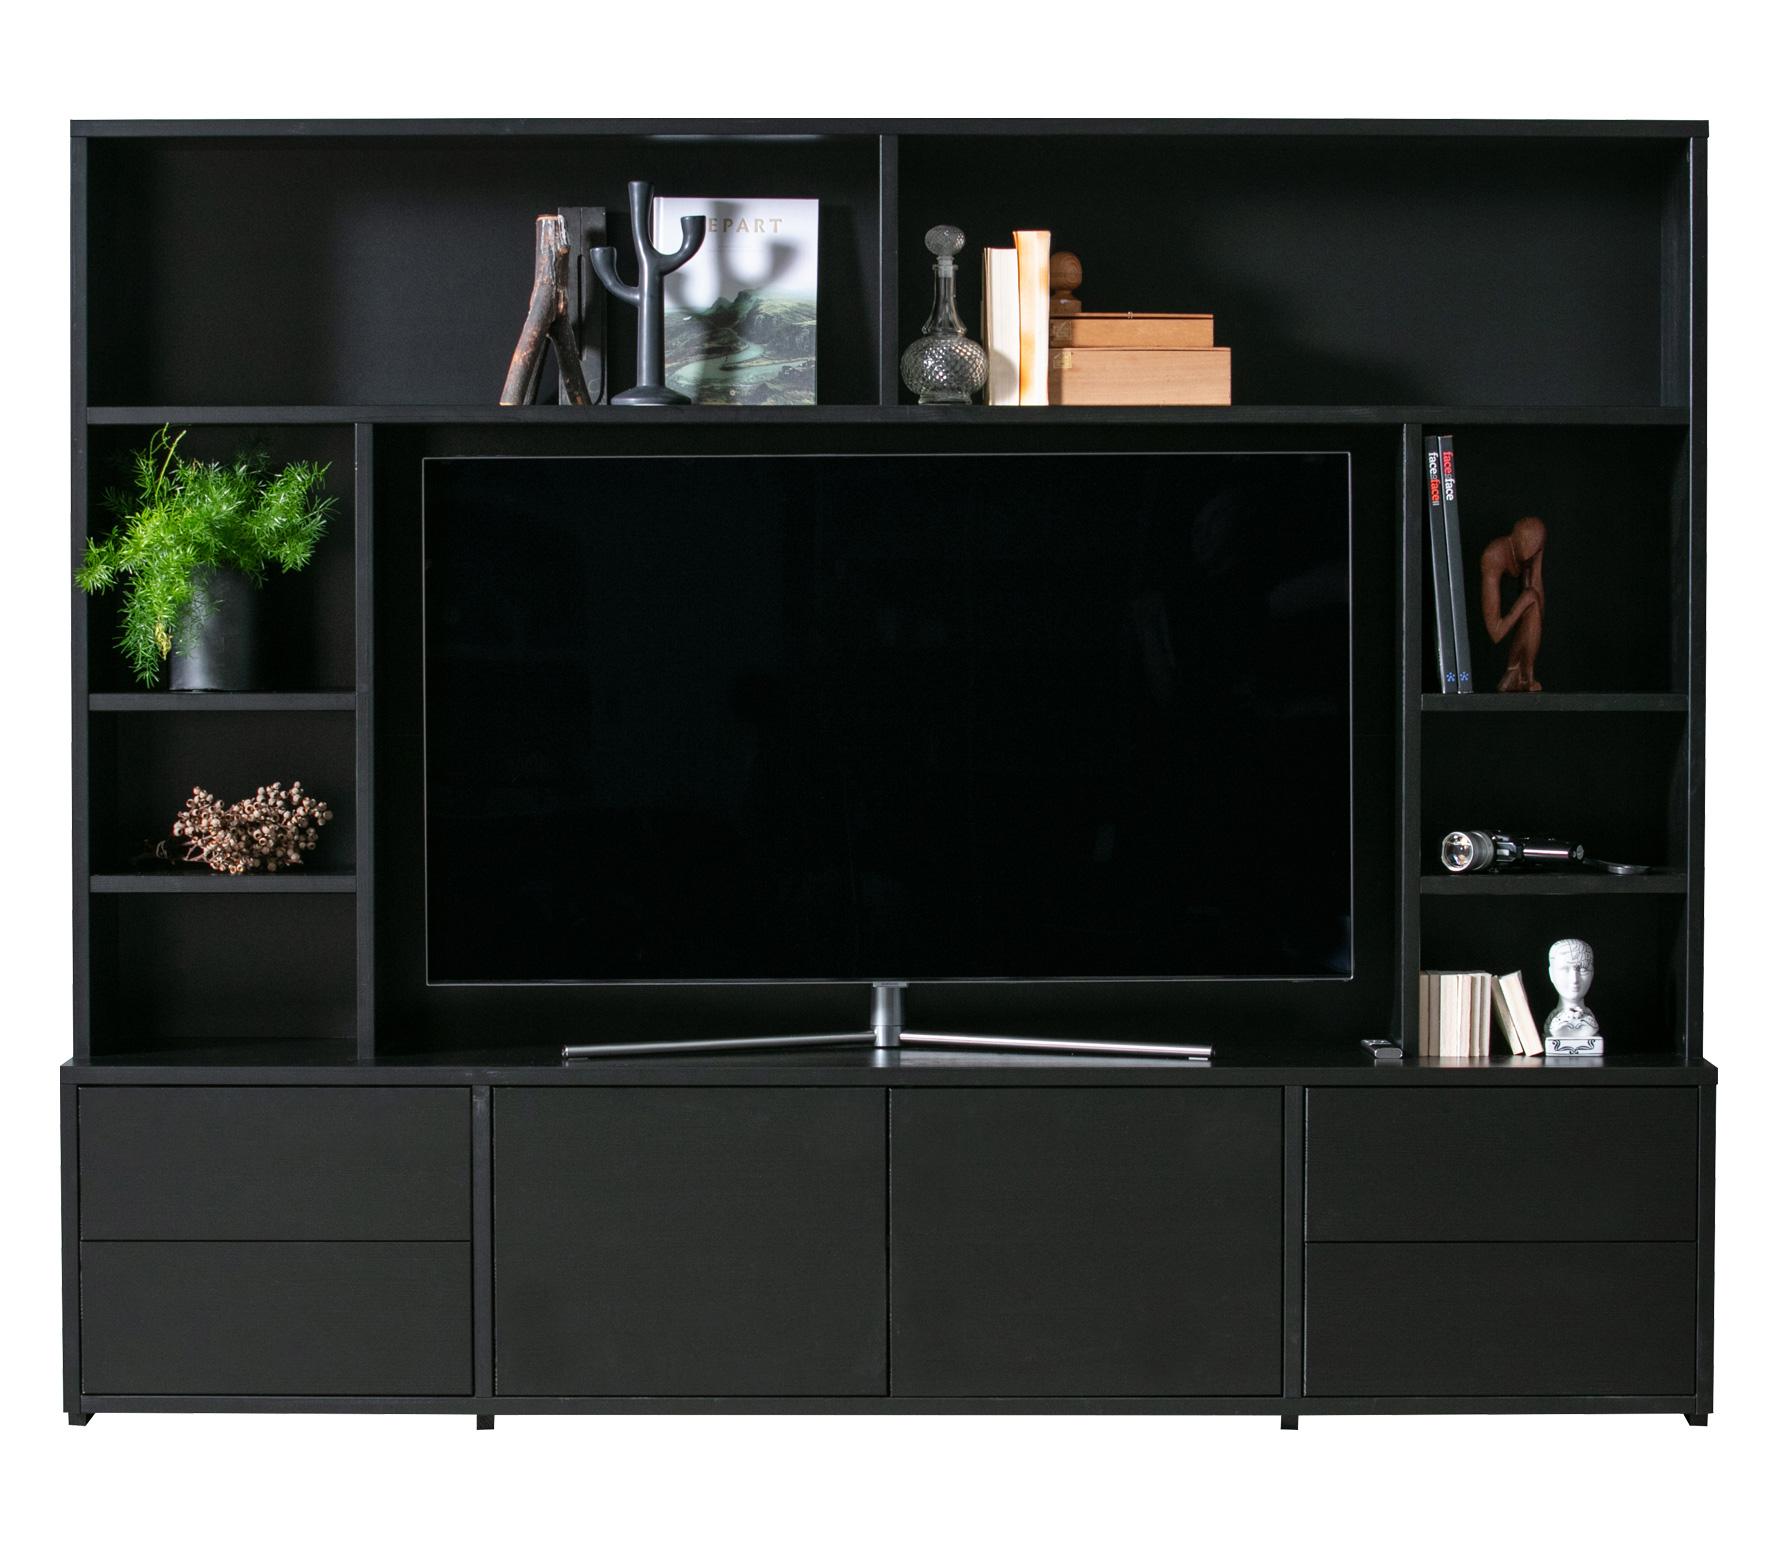 Tv Kast 50 Diep.Woood Exclusive Maxel Tv Wandmeubel Geschuurd Grenen Basiclabel